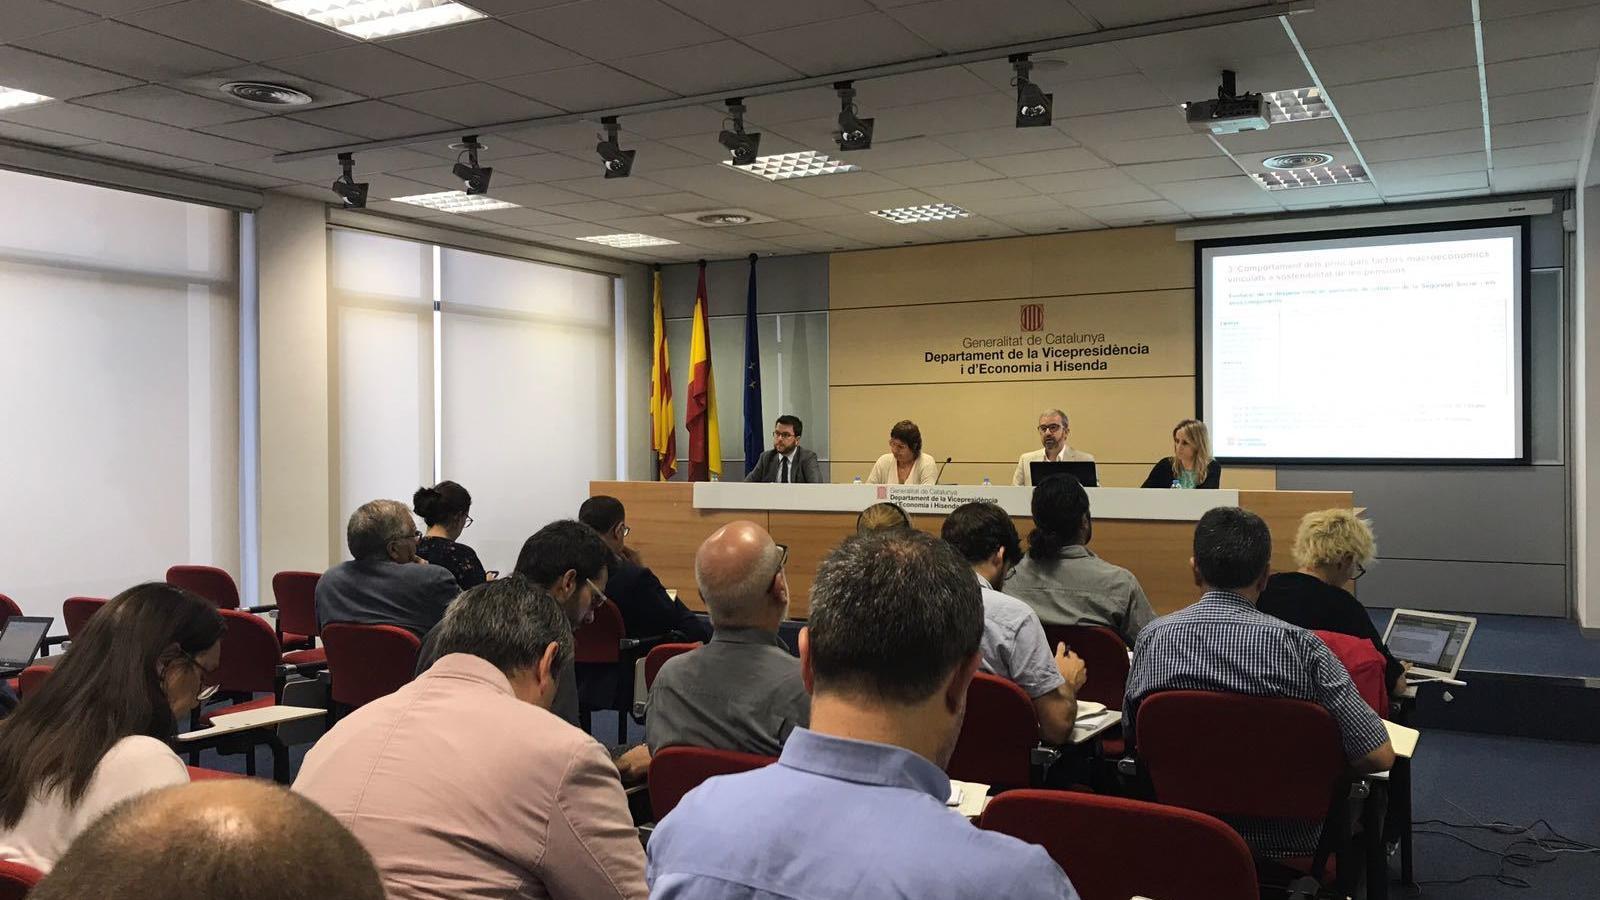 Bassa diu que una Seguretat Social catalana tindria superàvit la primavera del 2018